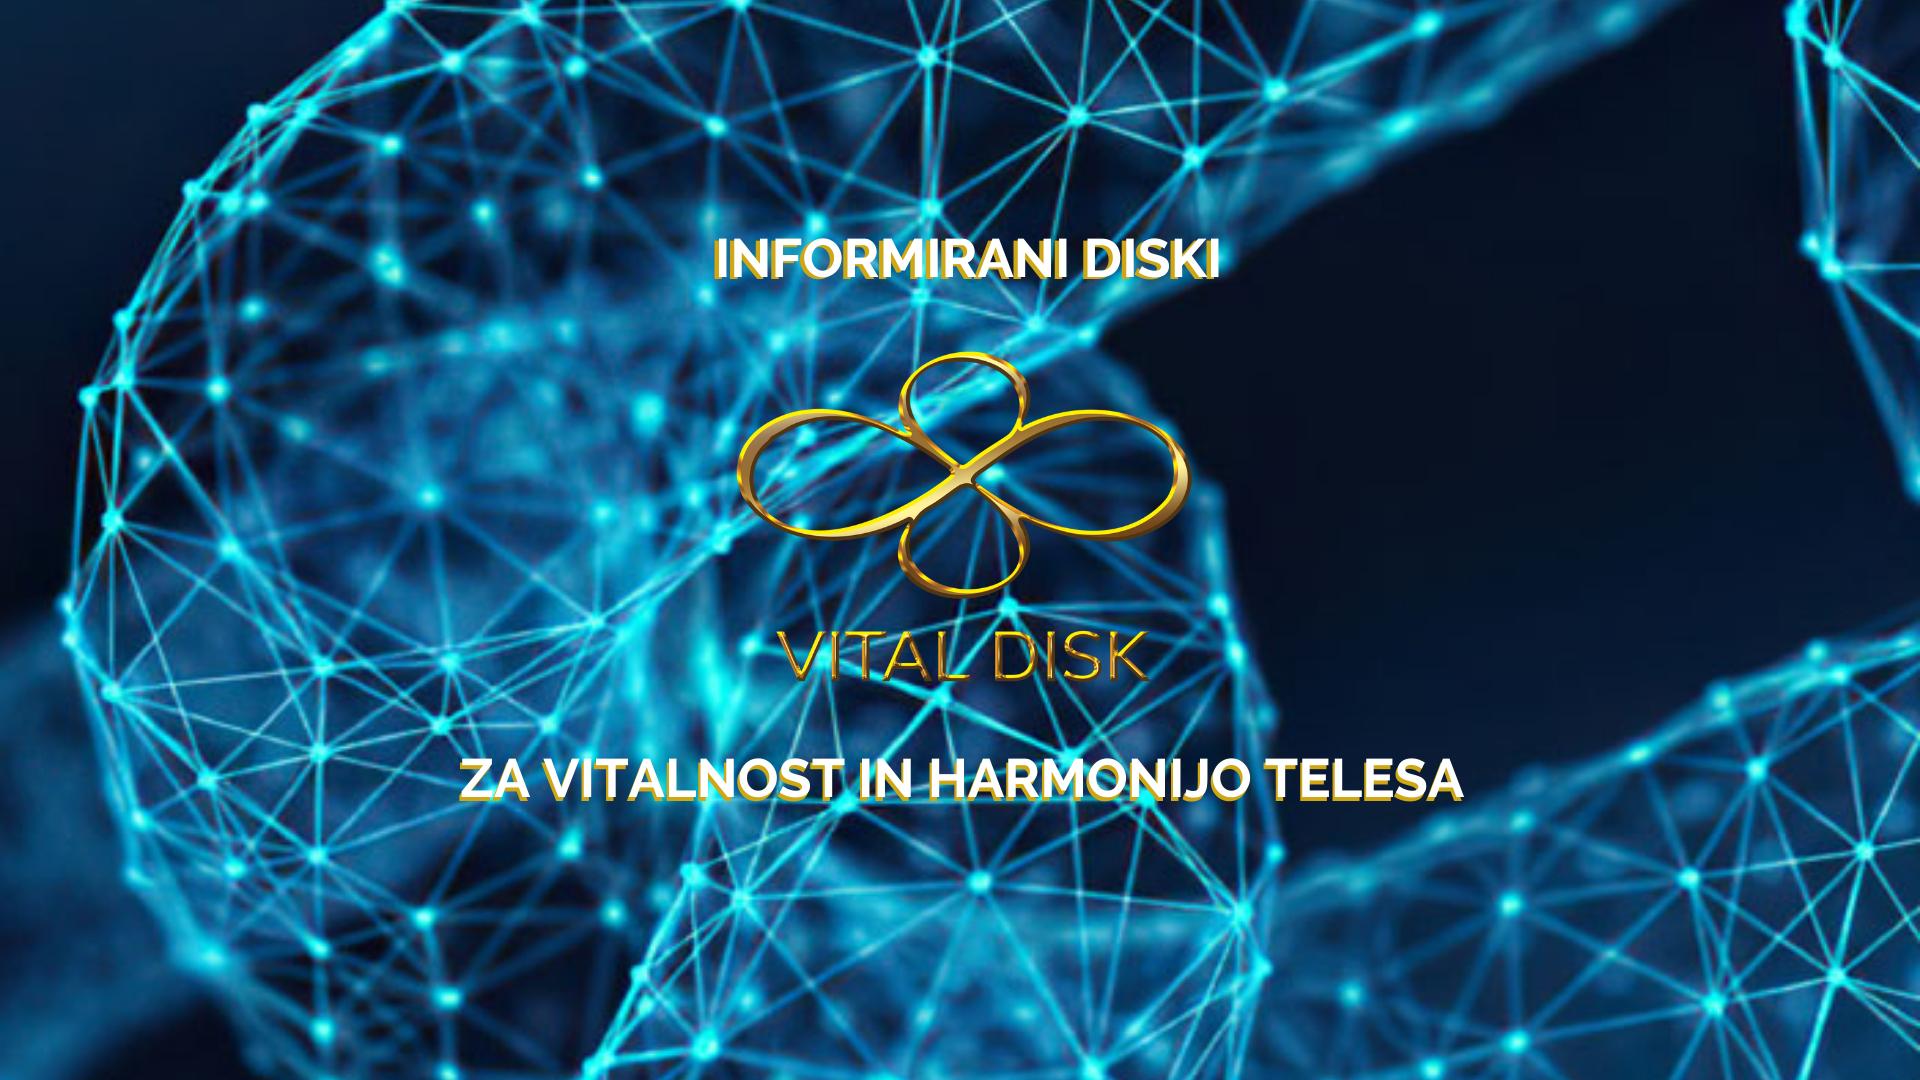 Kopija izdelka Kopija izdelka VITAL DISK Facebook Cover x px x px